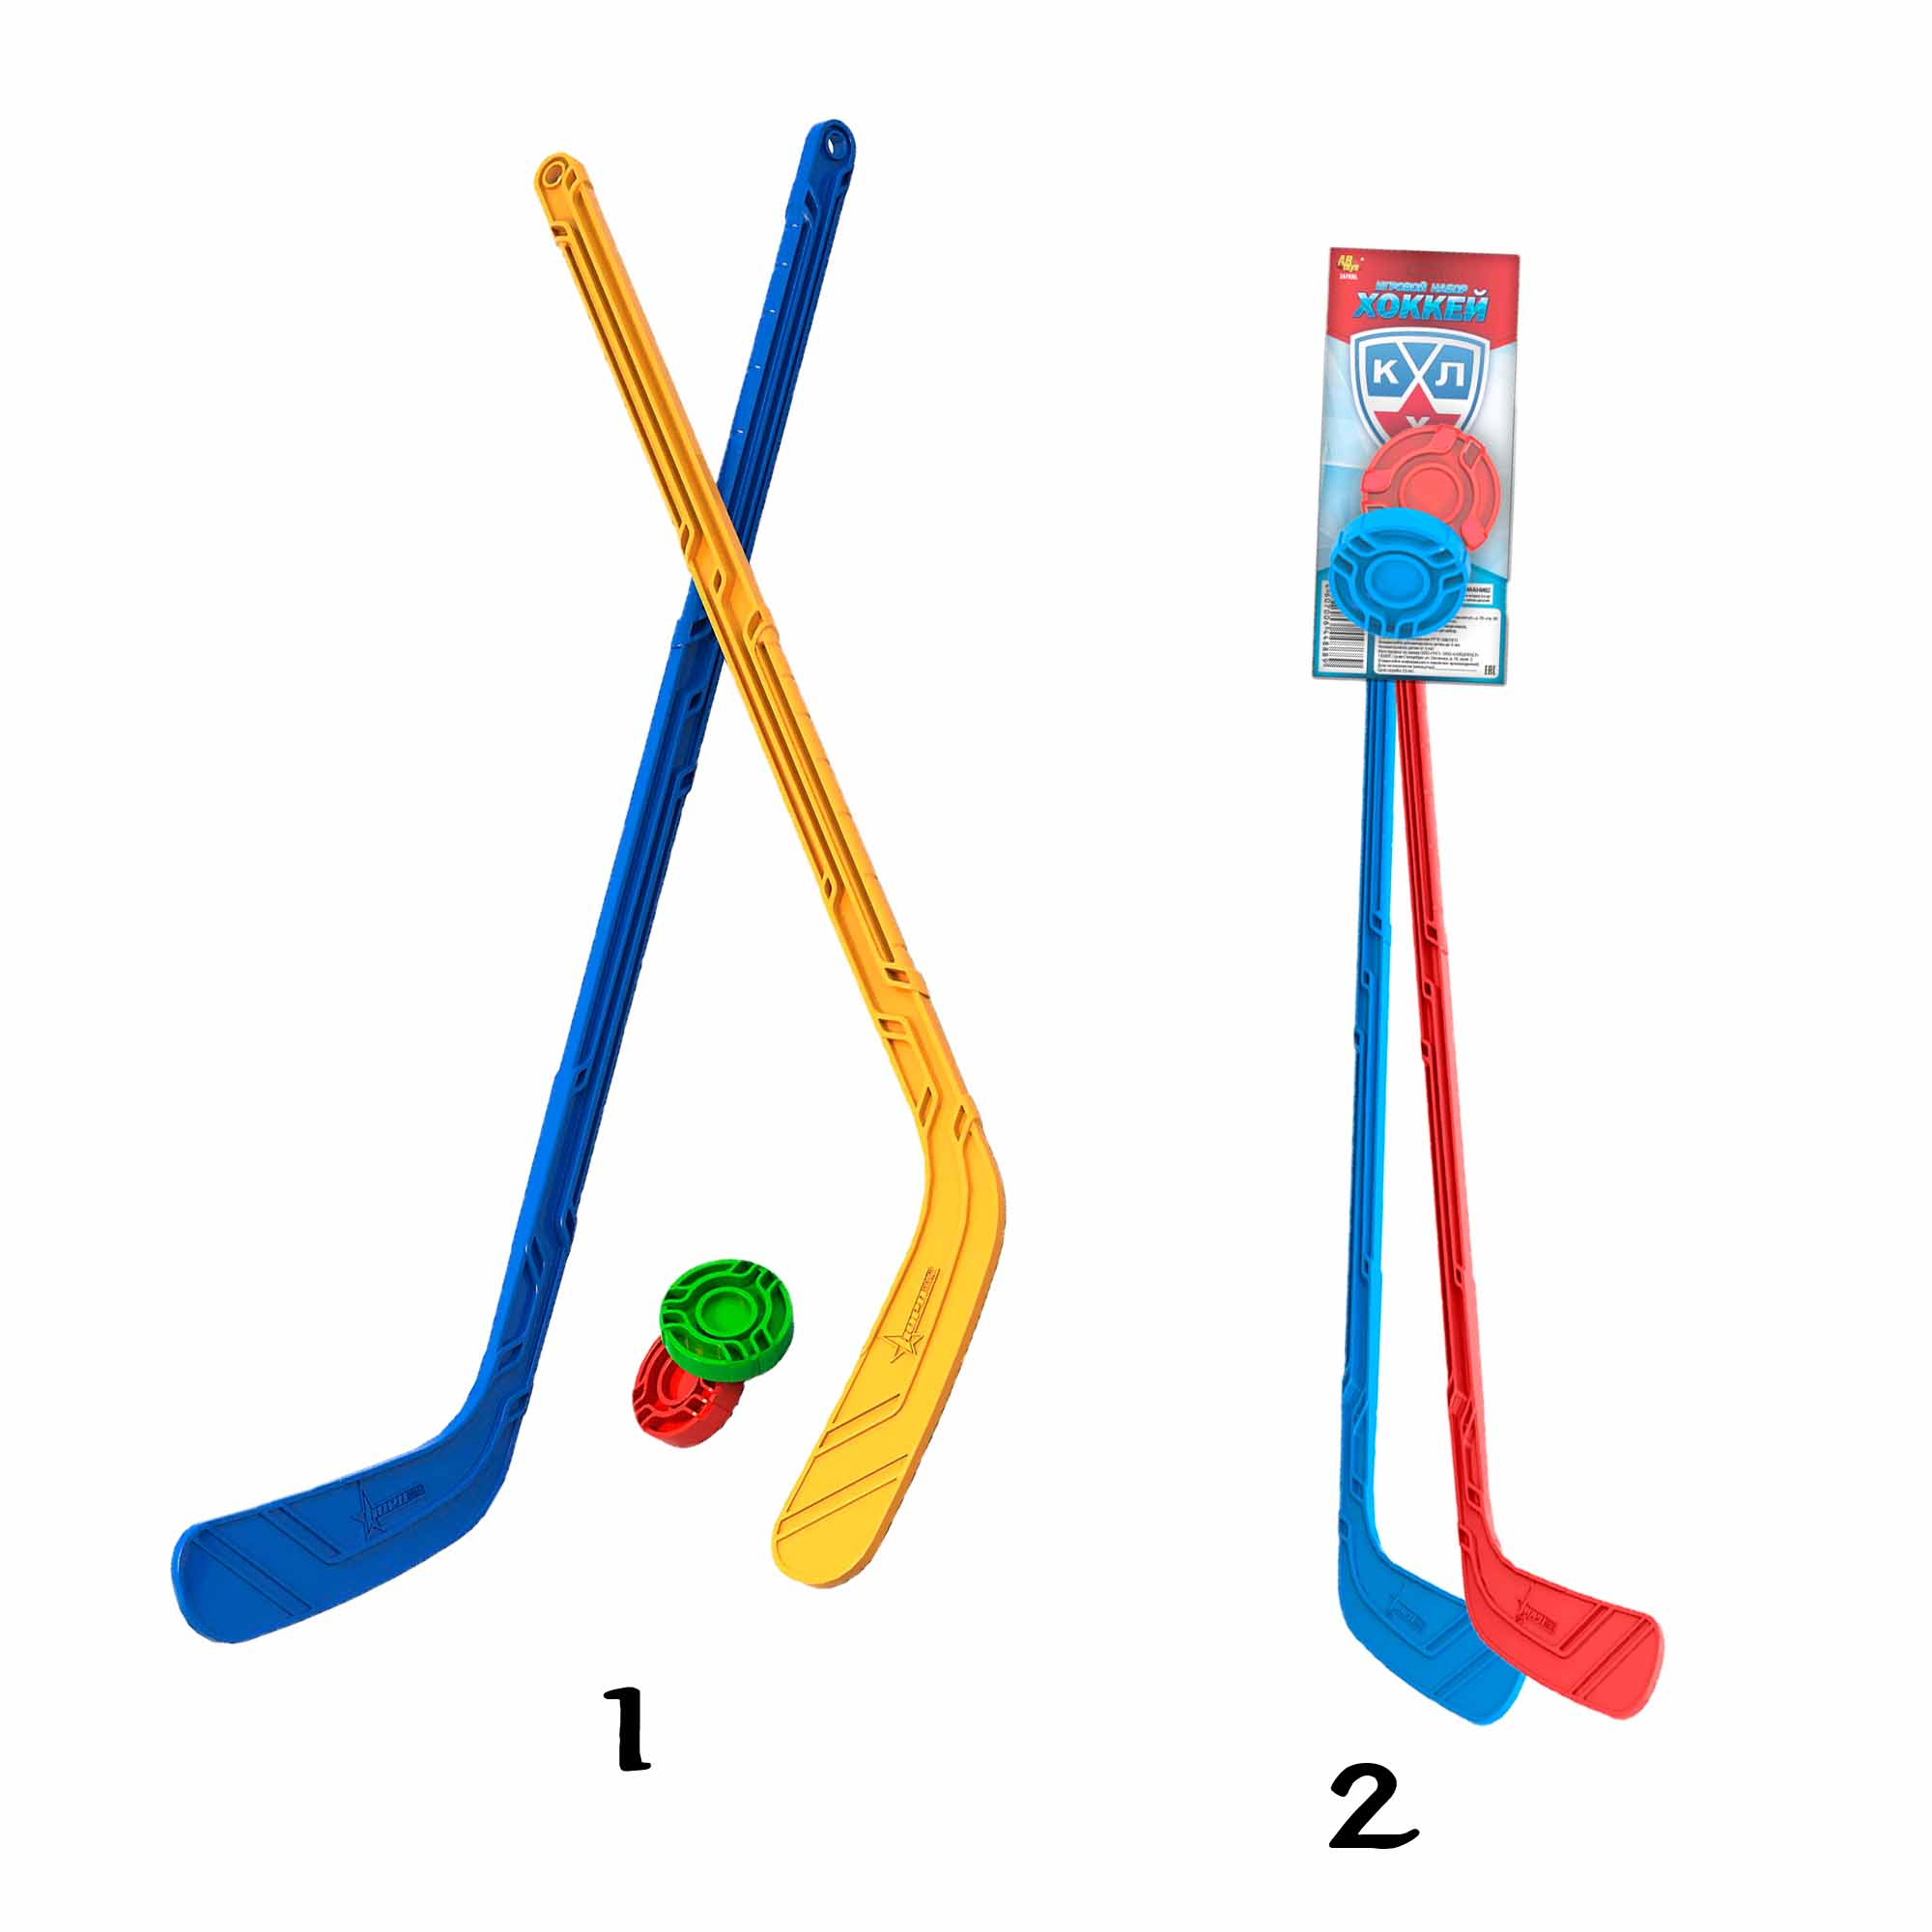 Купить Набор - Юный хоккеист, 2 клюшки, 2 шайбы, Нордпласт